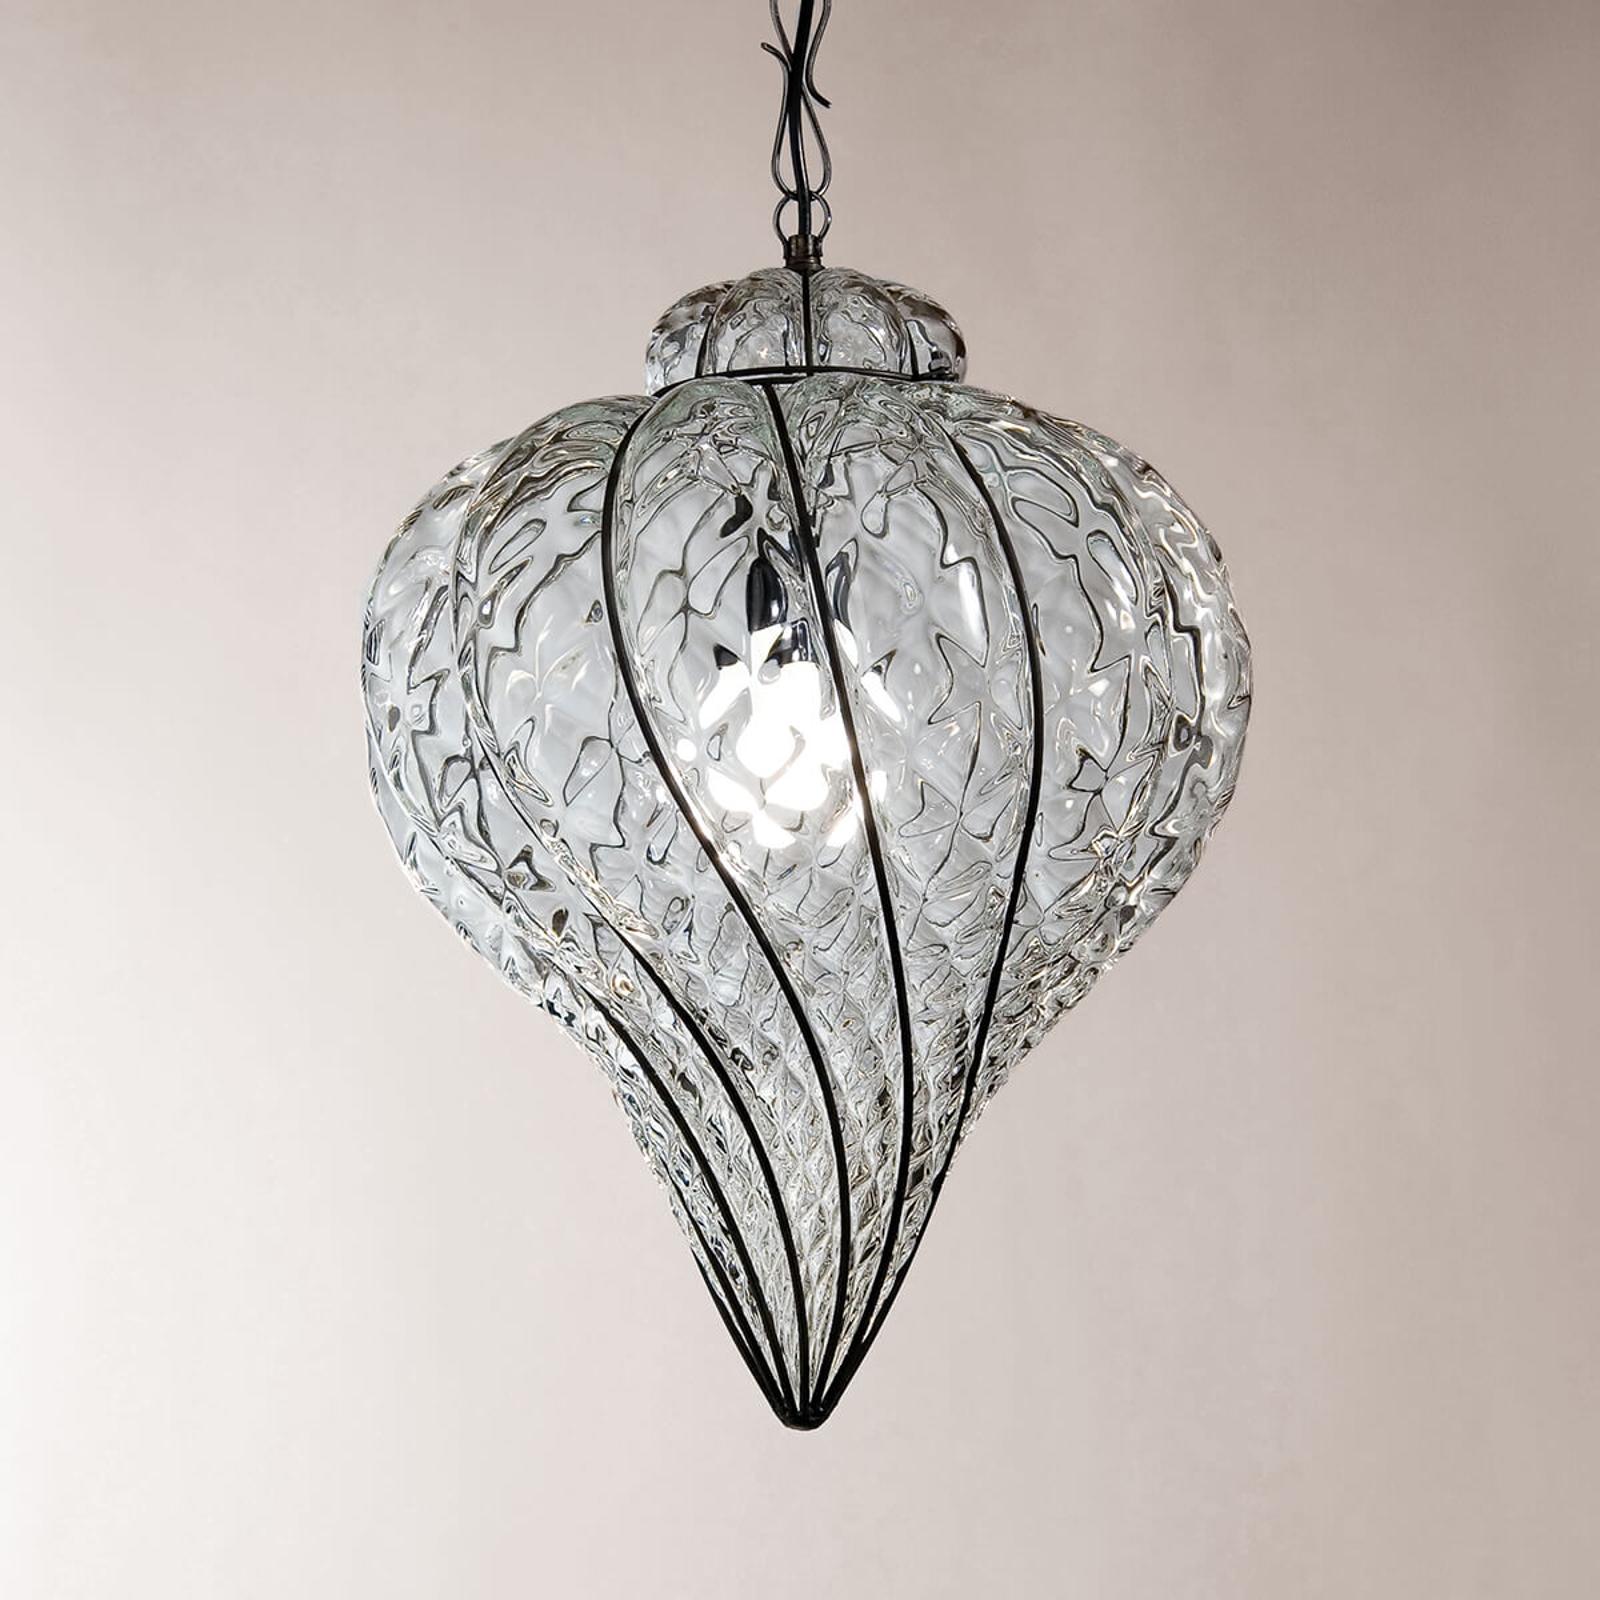 Goccia udendørs hængelampe, mundblæst, klar